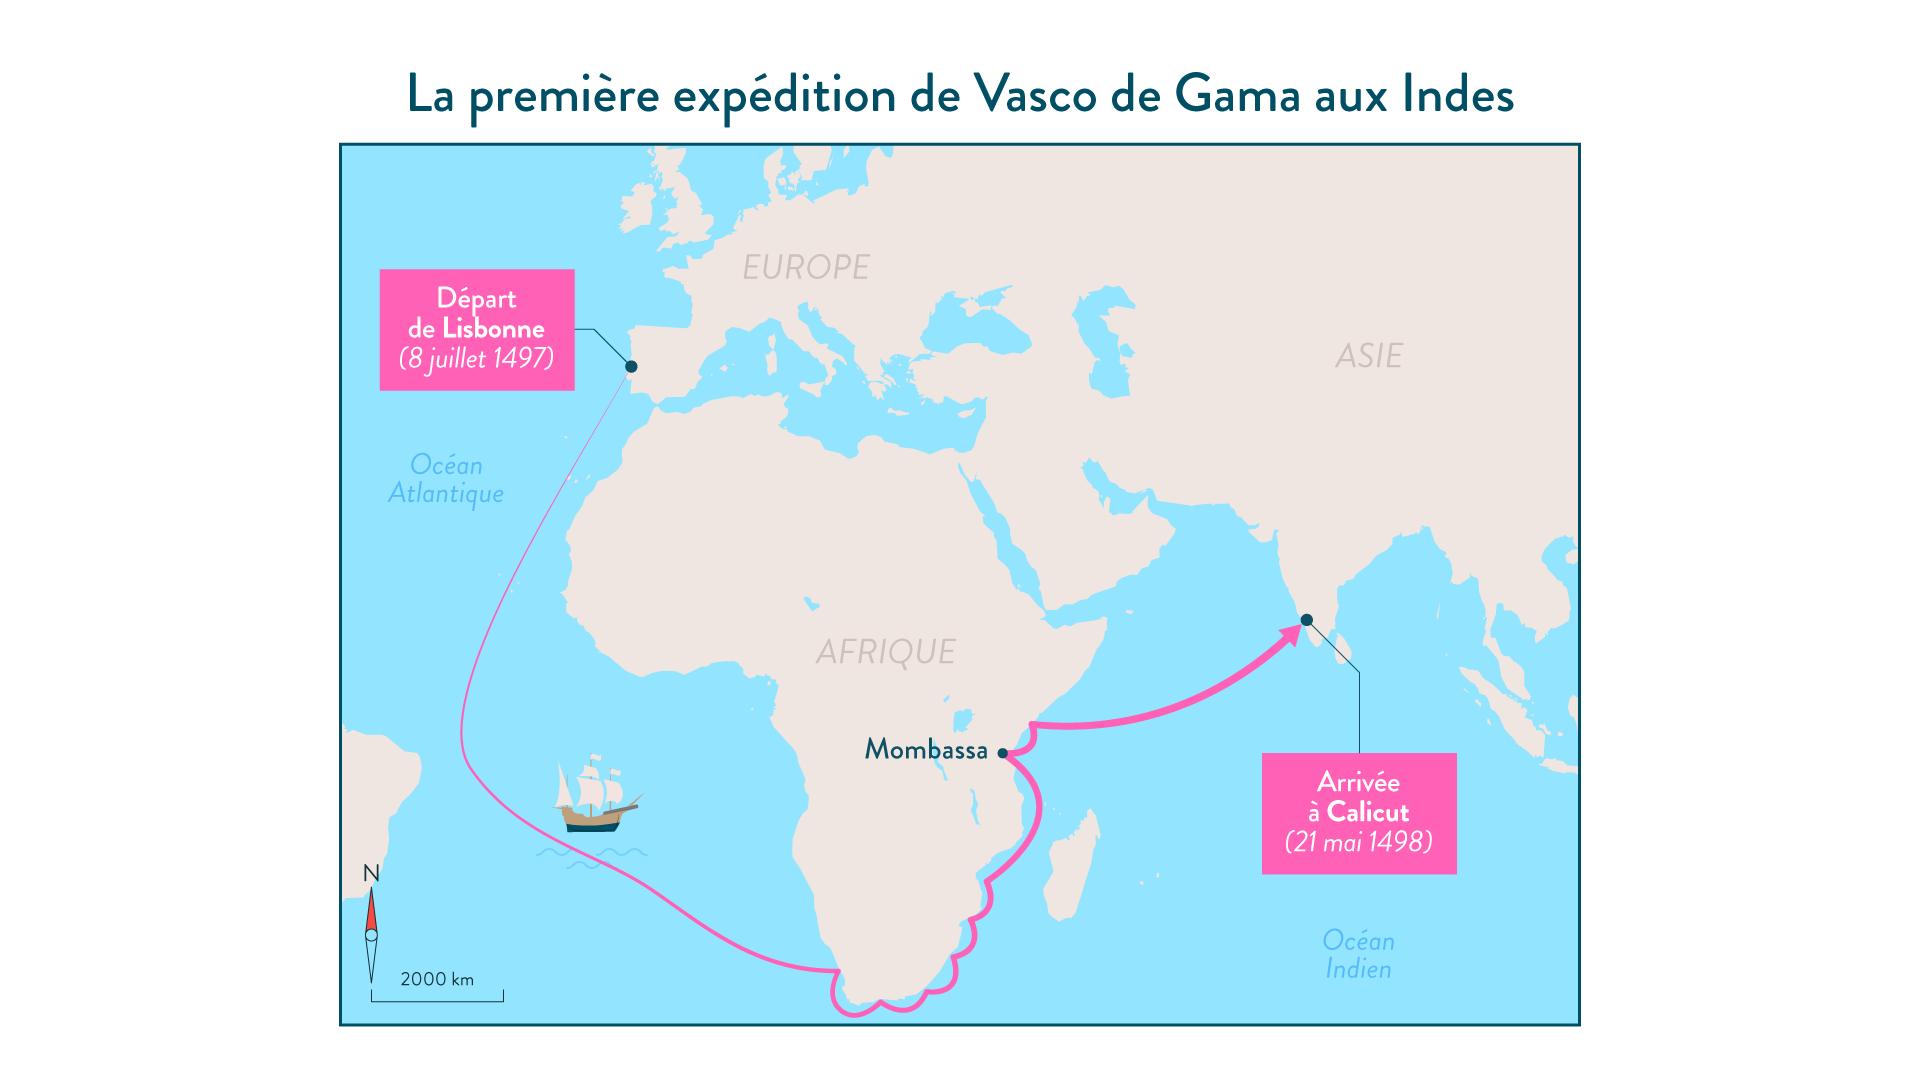 La première expédition de Vasco de Gama aux Indes - 5e - histoire